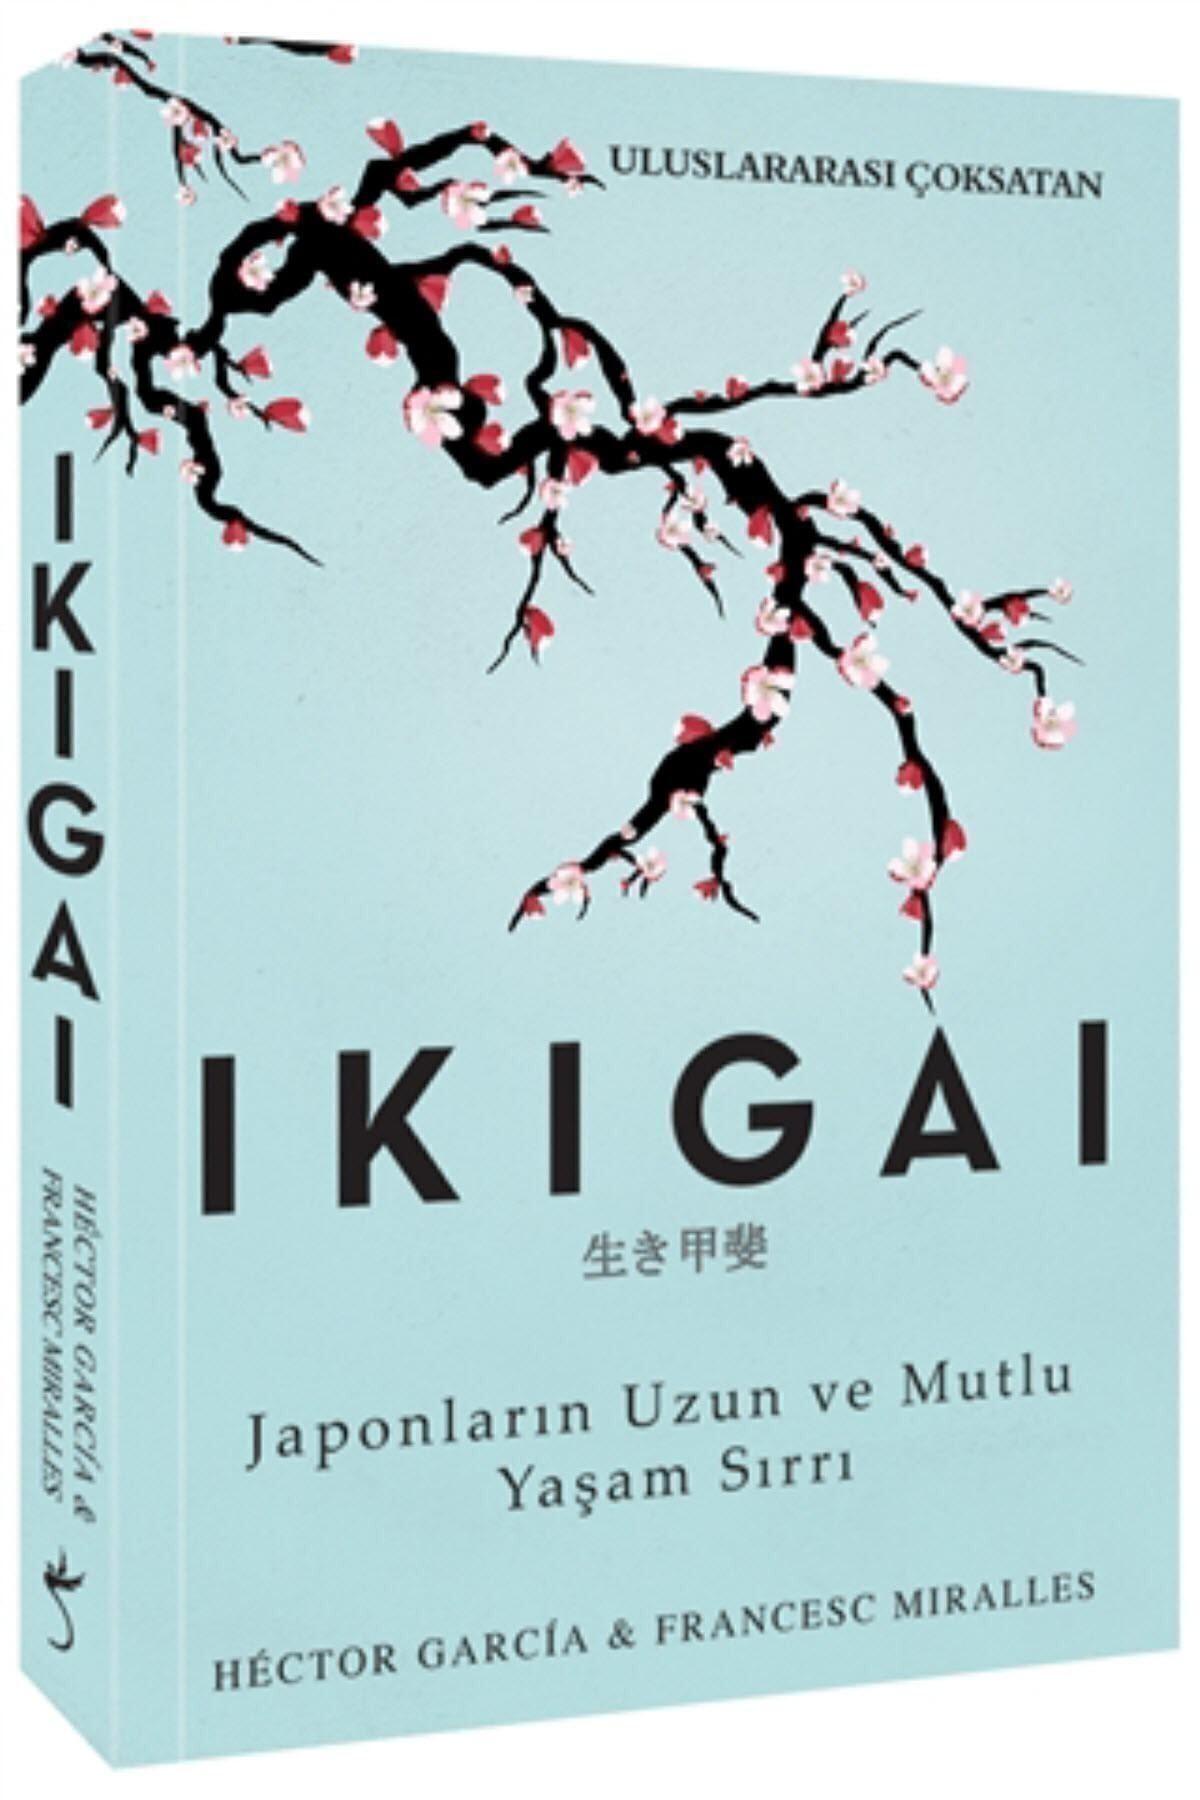 İndigo Kitap Ikigai-Japonların Uzun ve Mutlu Yaşam Sırrı - Francesc Miralles,hector Garcia 1